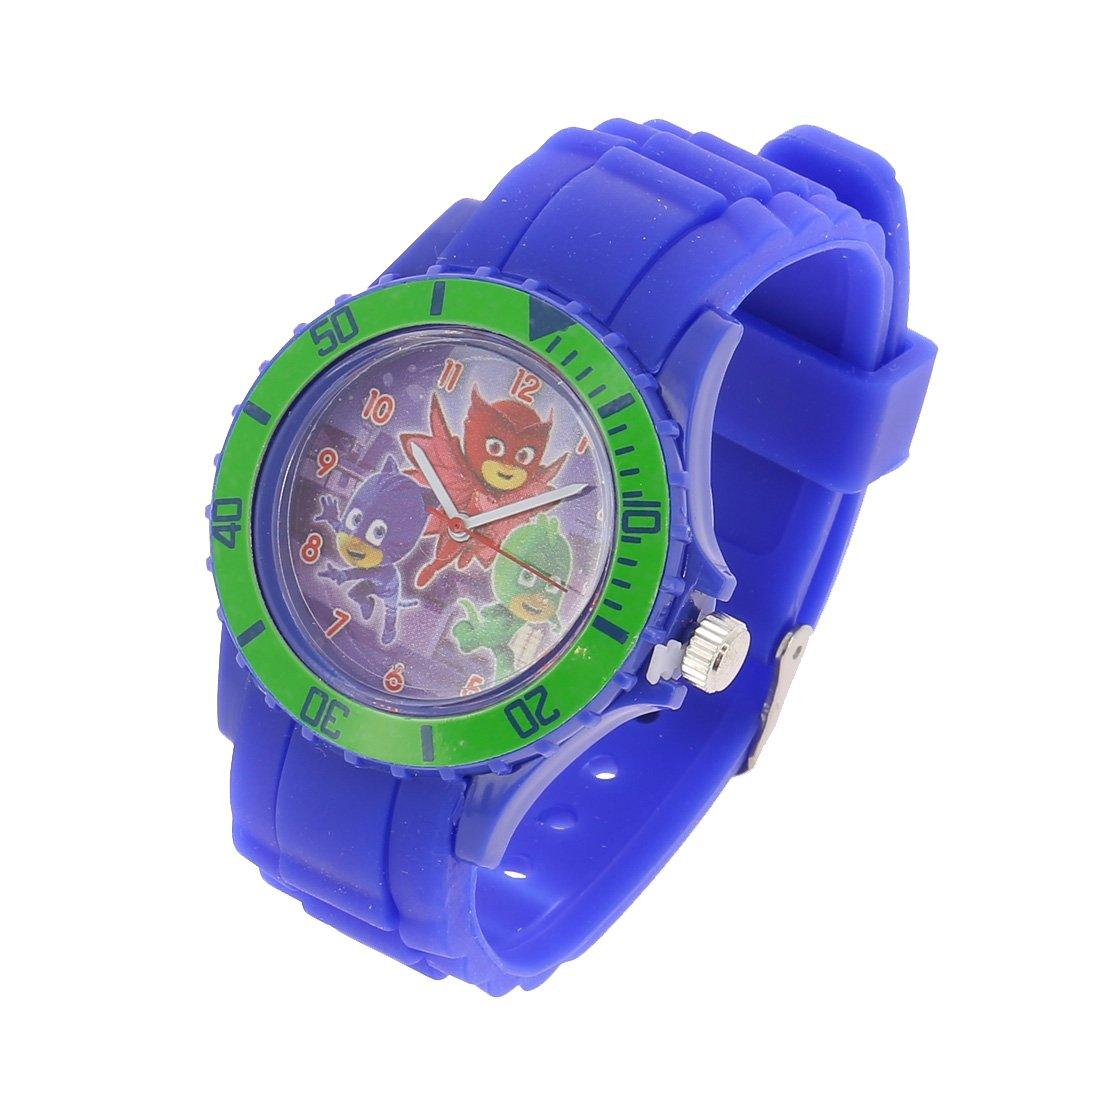 Disney - PJ Masks Reloj analógico en Estuche, pj17023: Amazon.es: Juguetes y juegos